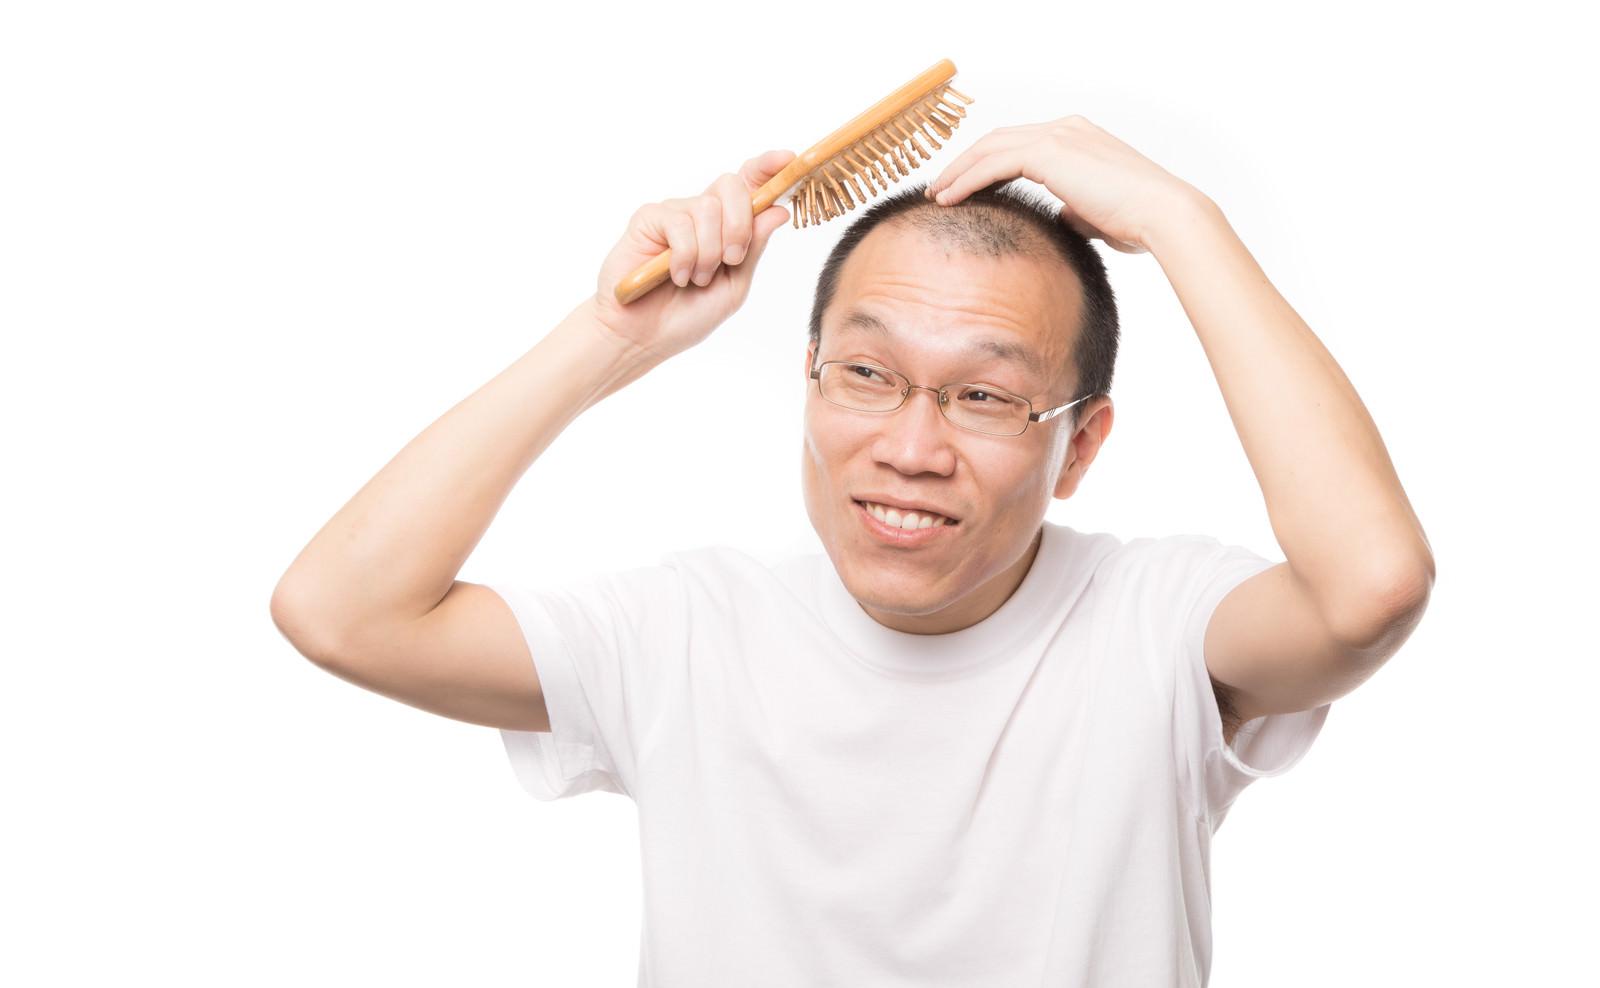 「「髪の毛よ生えておいで!」と育毛ブラシでトントンする薄毛男性」の写真[モデル:サンライズ鈴木]